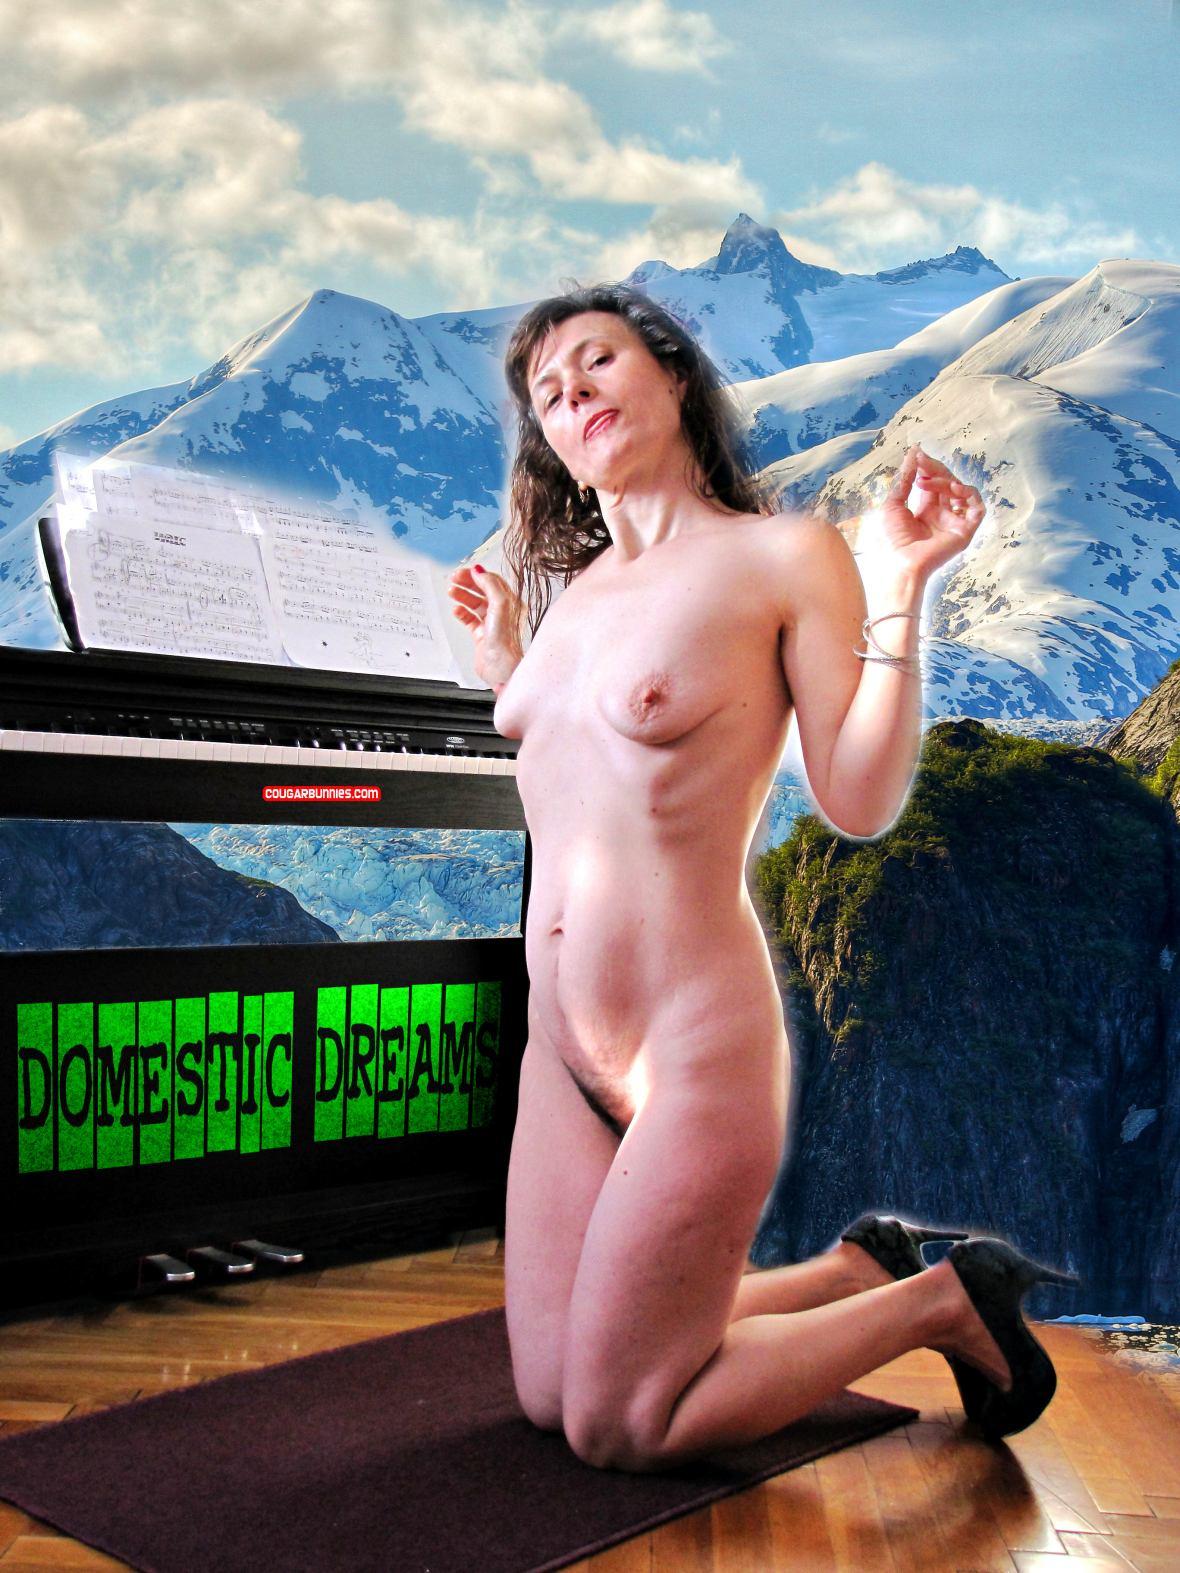 Domestic dreams with Doris Dawn - on CougarBunnies.com